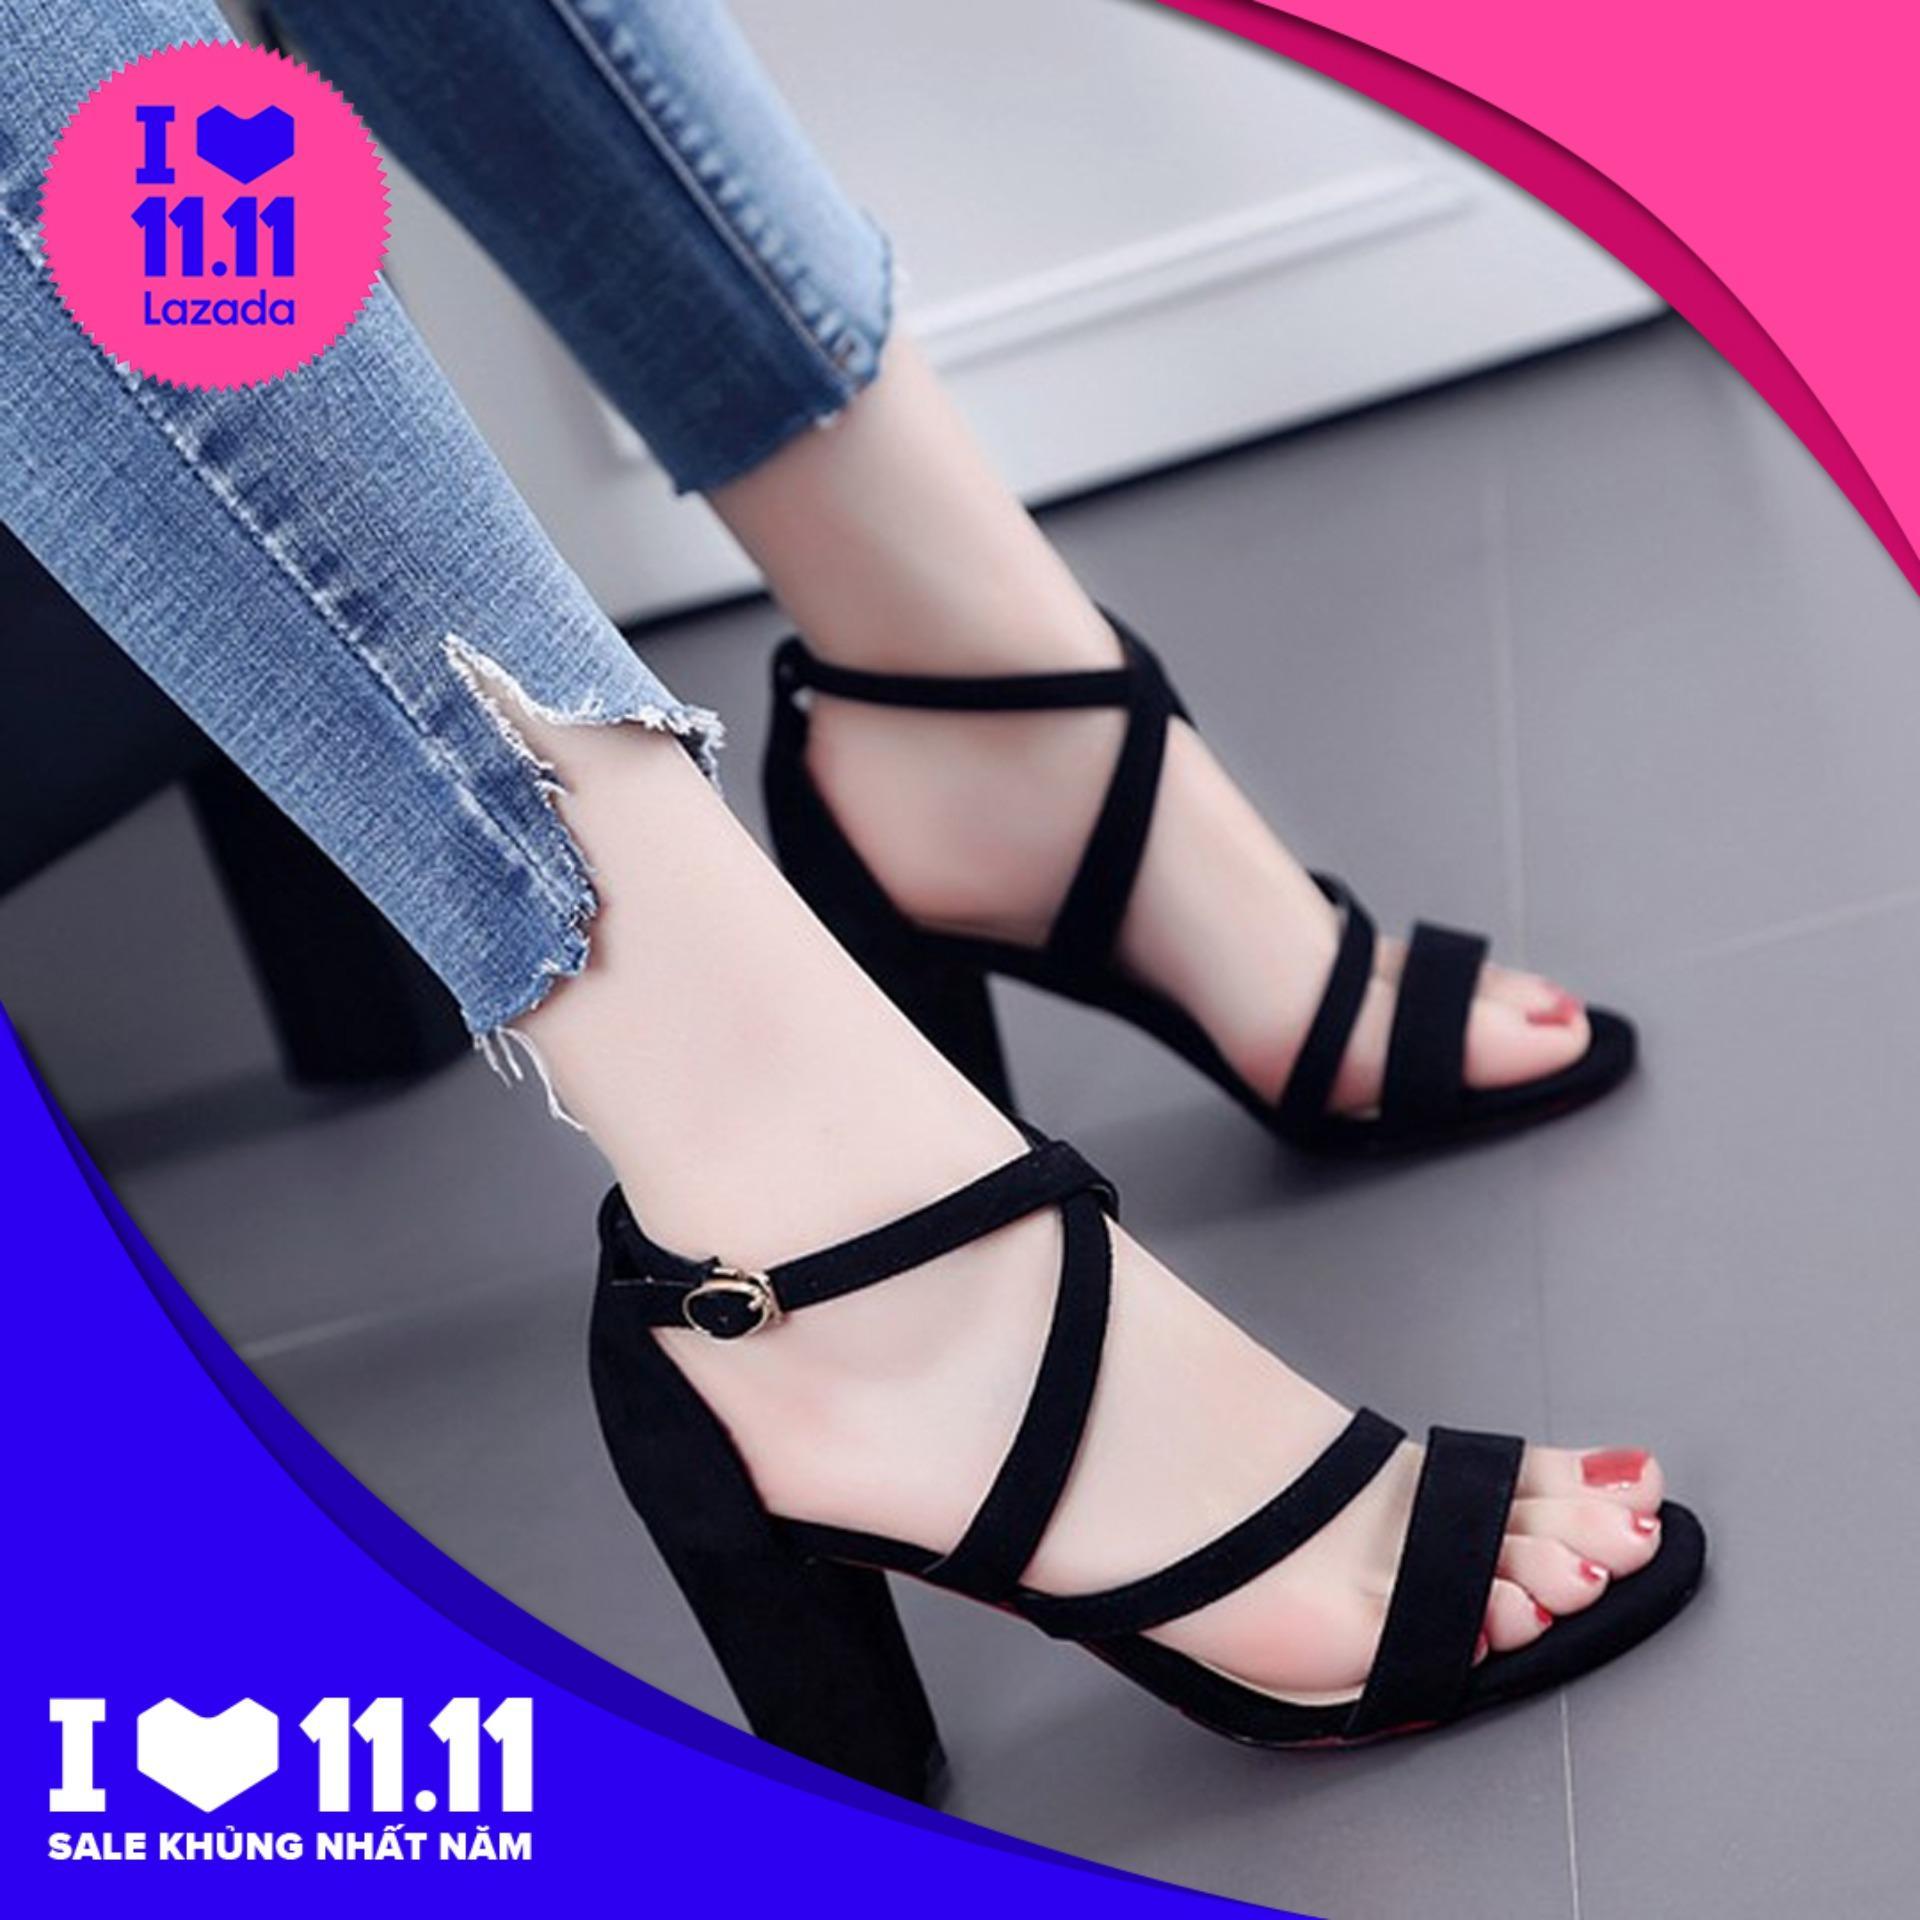 [Form bé, đặt tăng 1 size] Giày cao gót 7 phân mẫu số 6